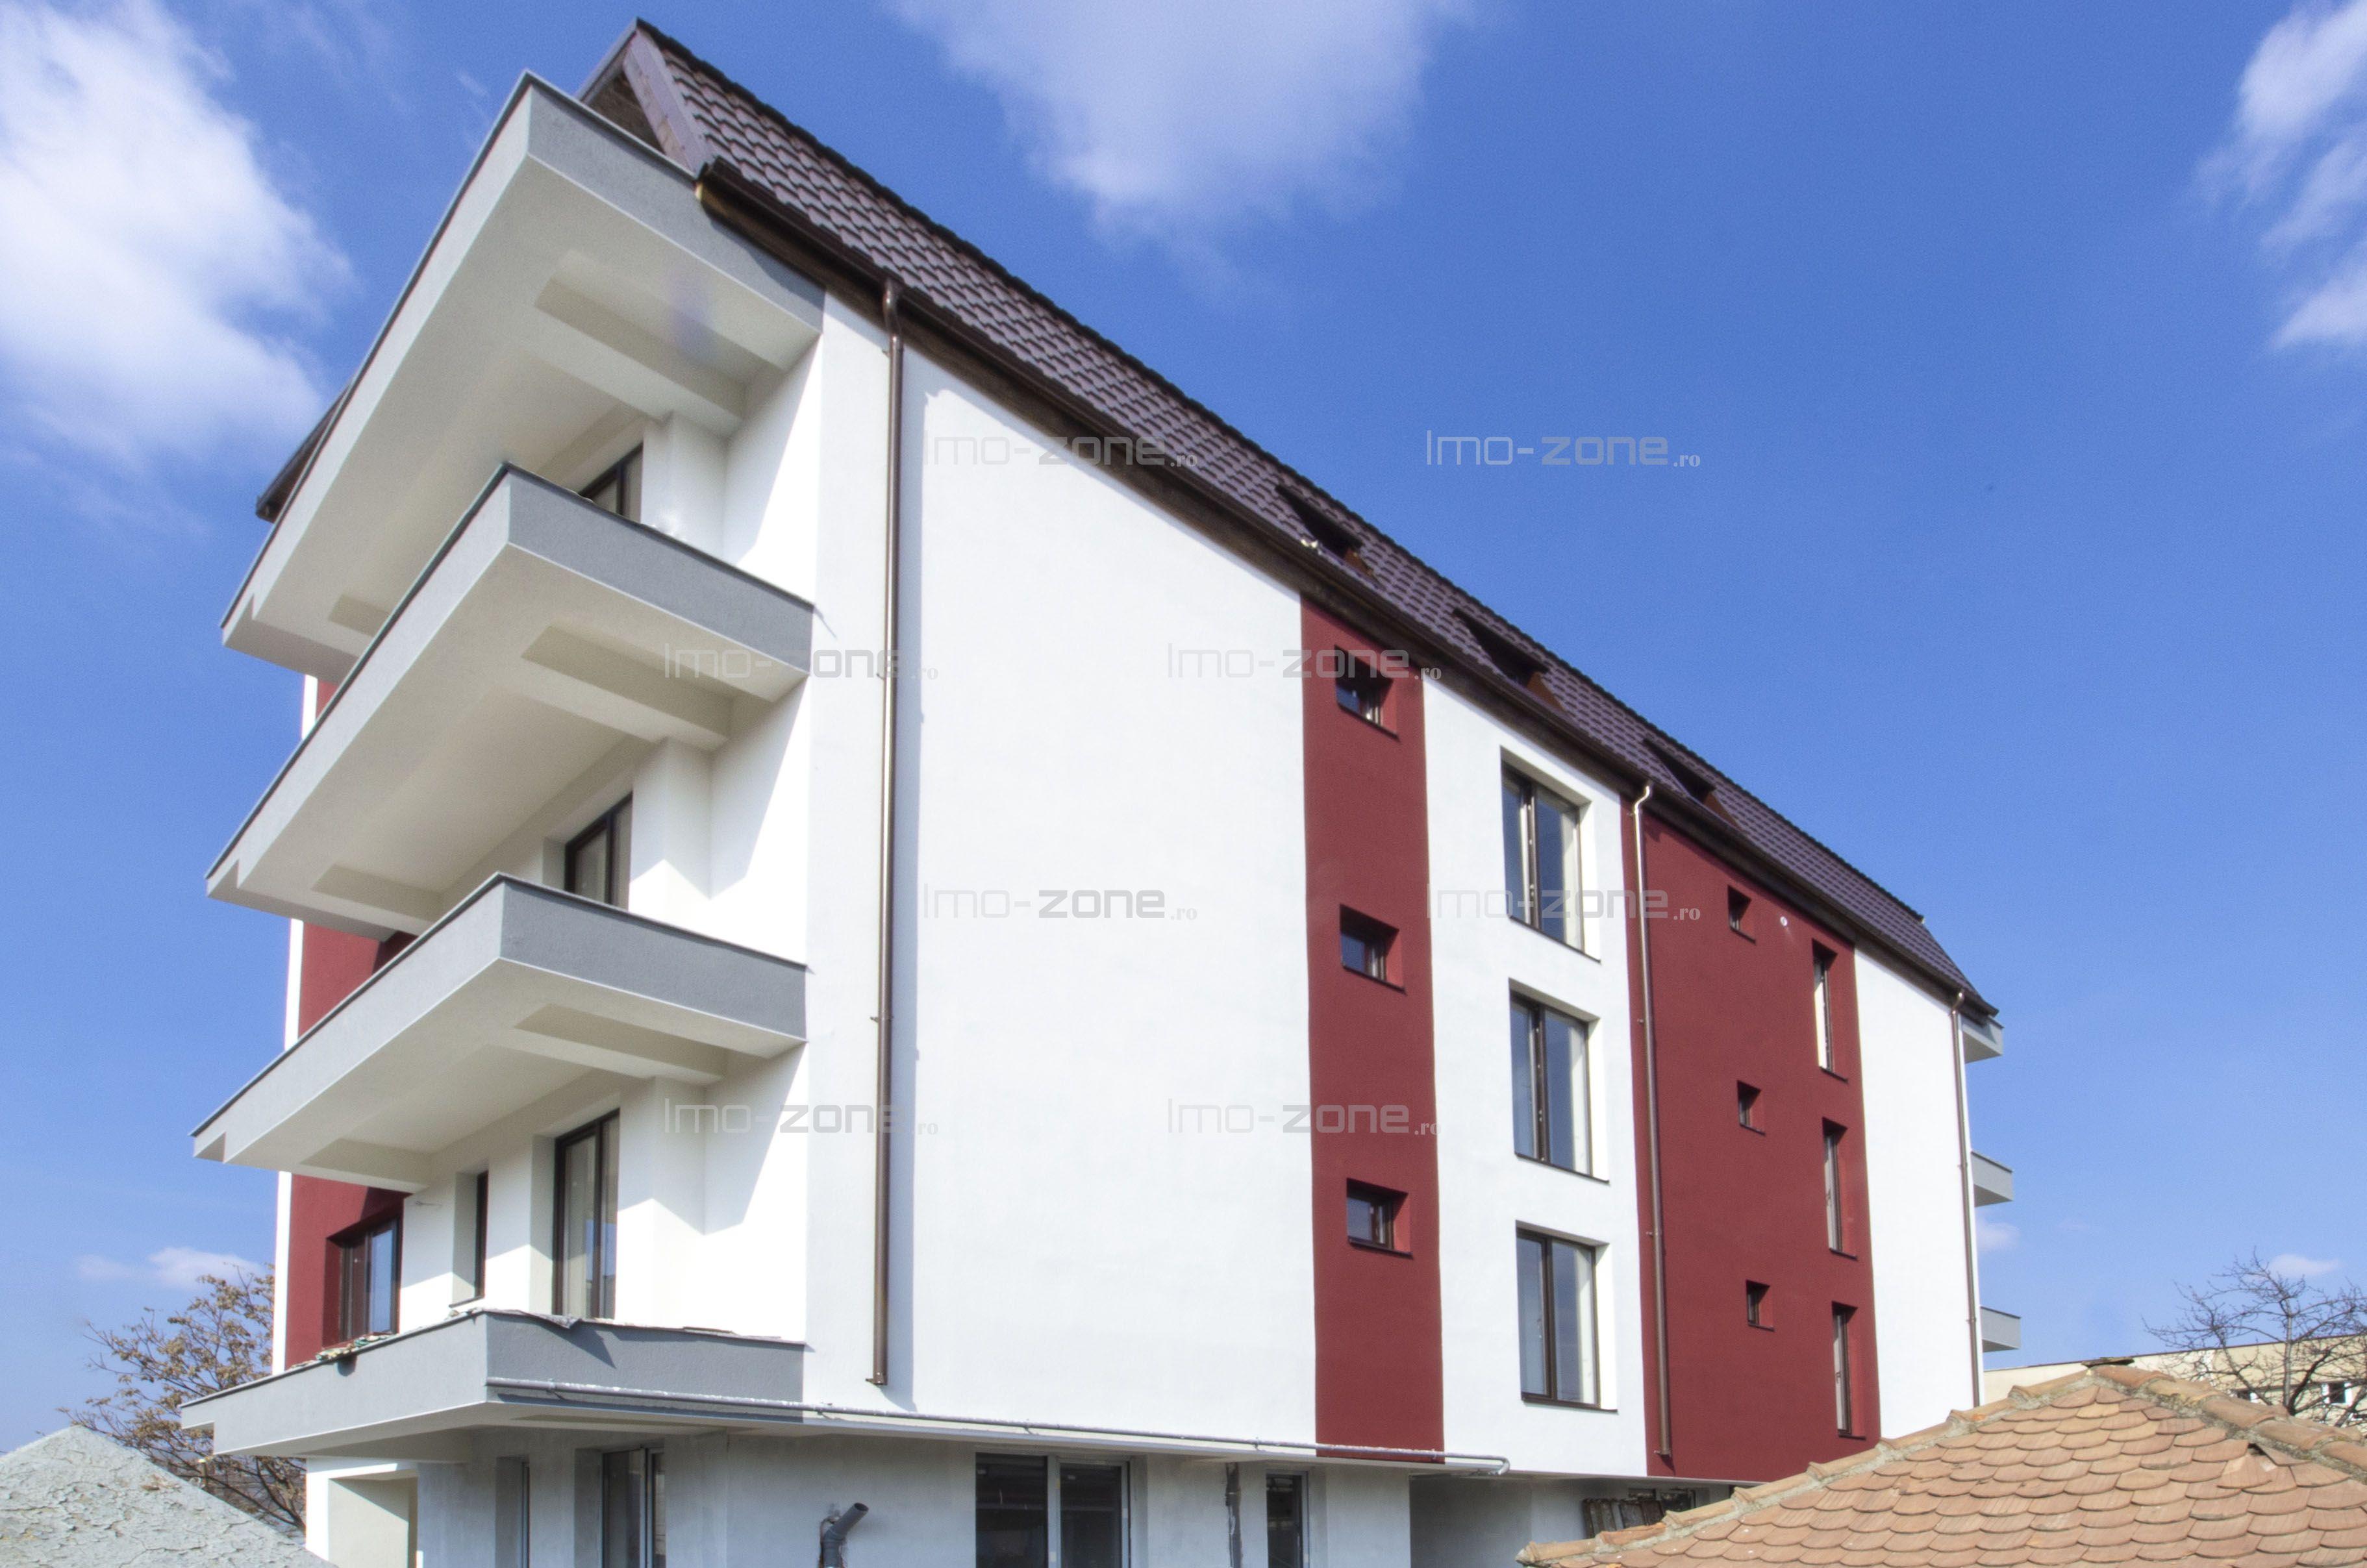 Apartament 2 camere, 65 mpu, bucatarie inchisa, baie cu geam, balcon.